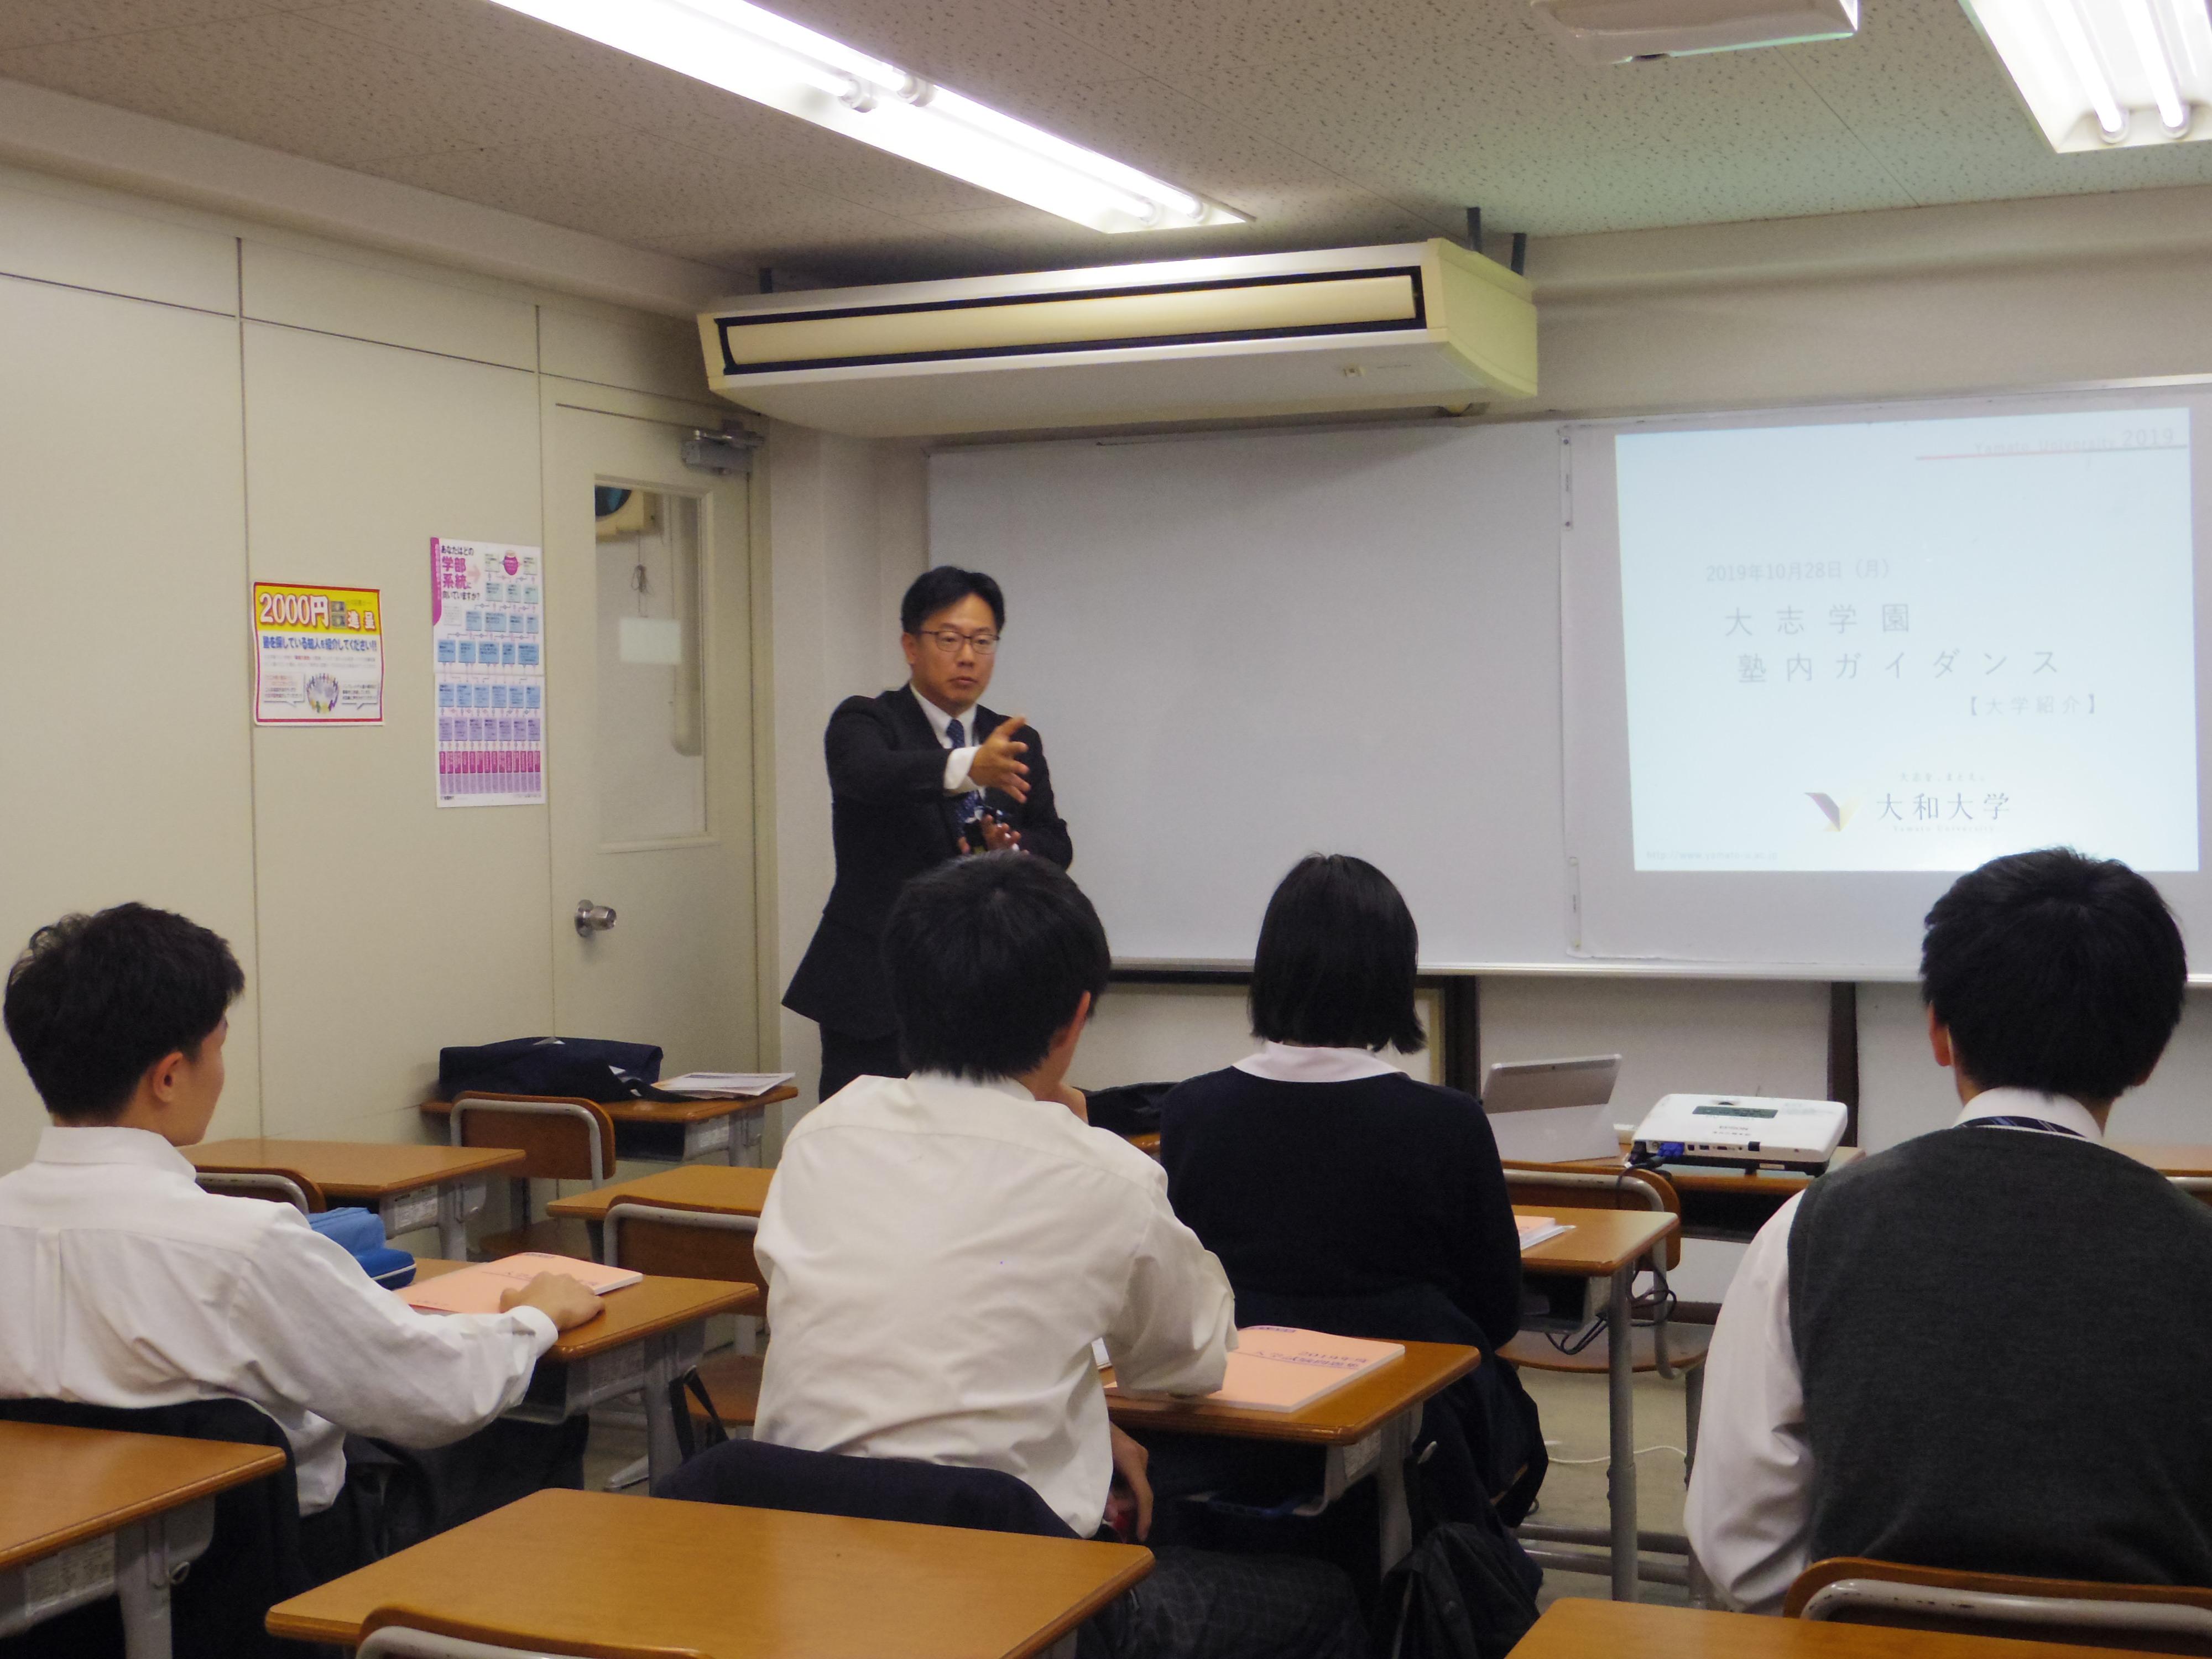 【2020年度入試】大和大学入試説明会を実施しました